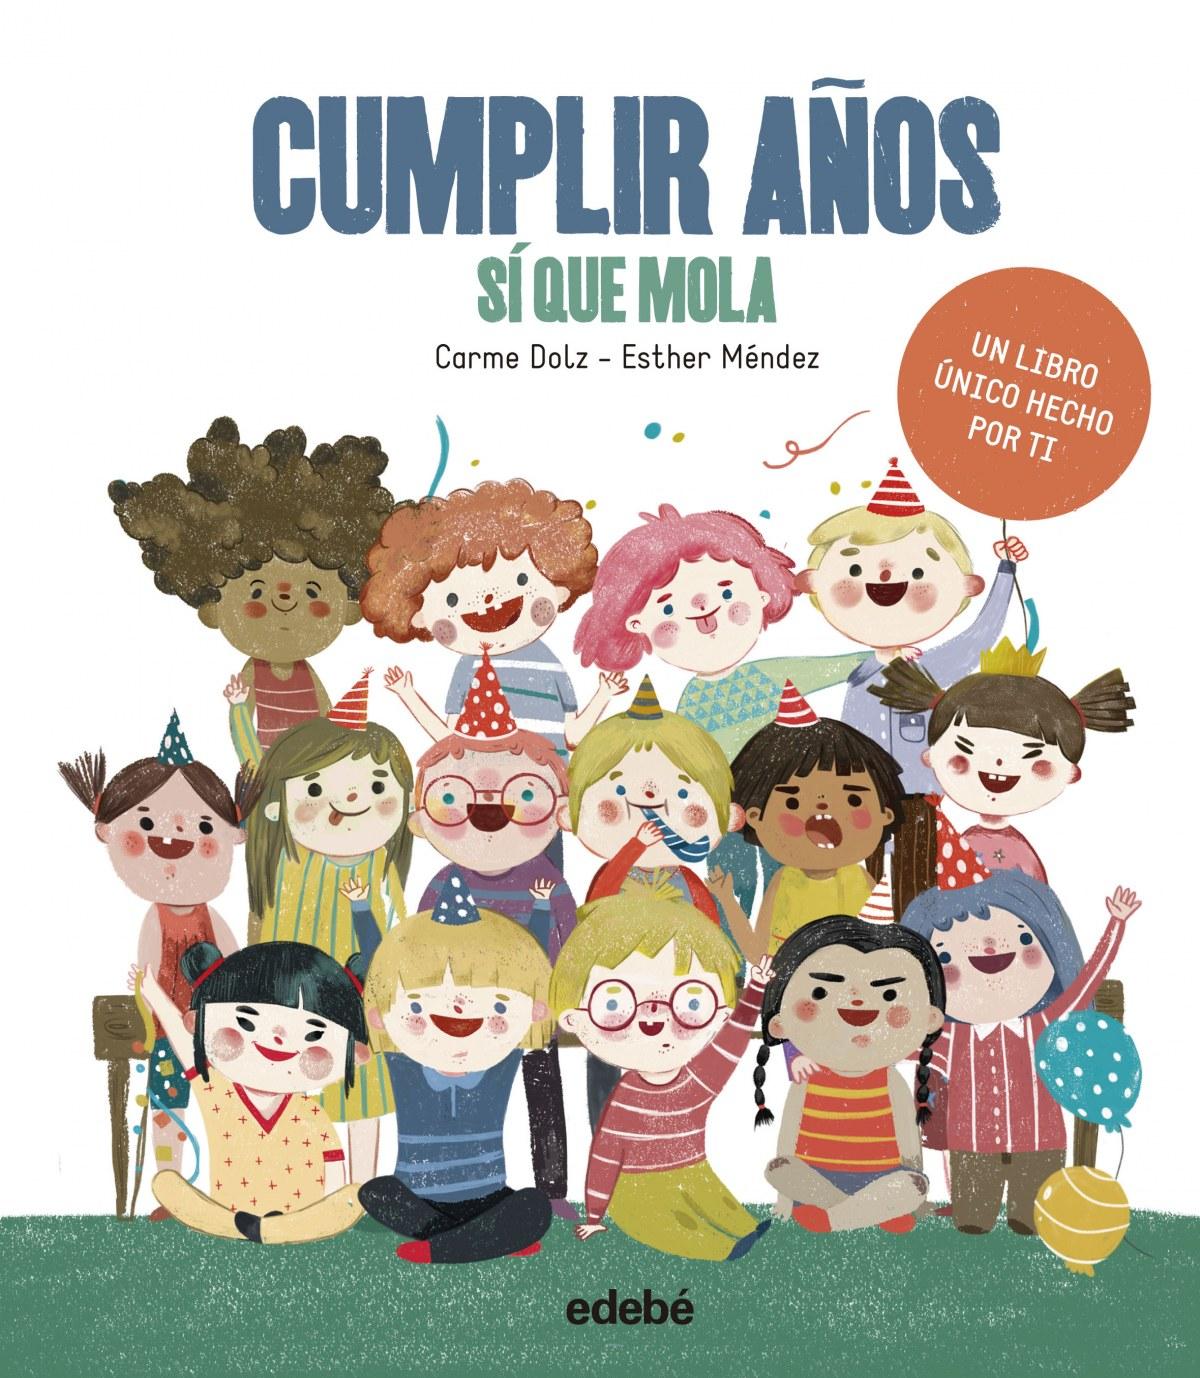 CUMPLIR AñOS S- QUE MOLA 9788468339917